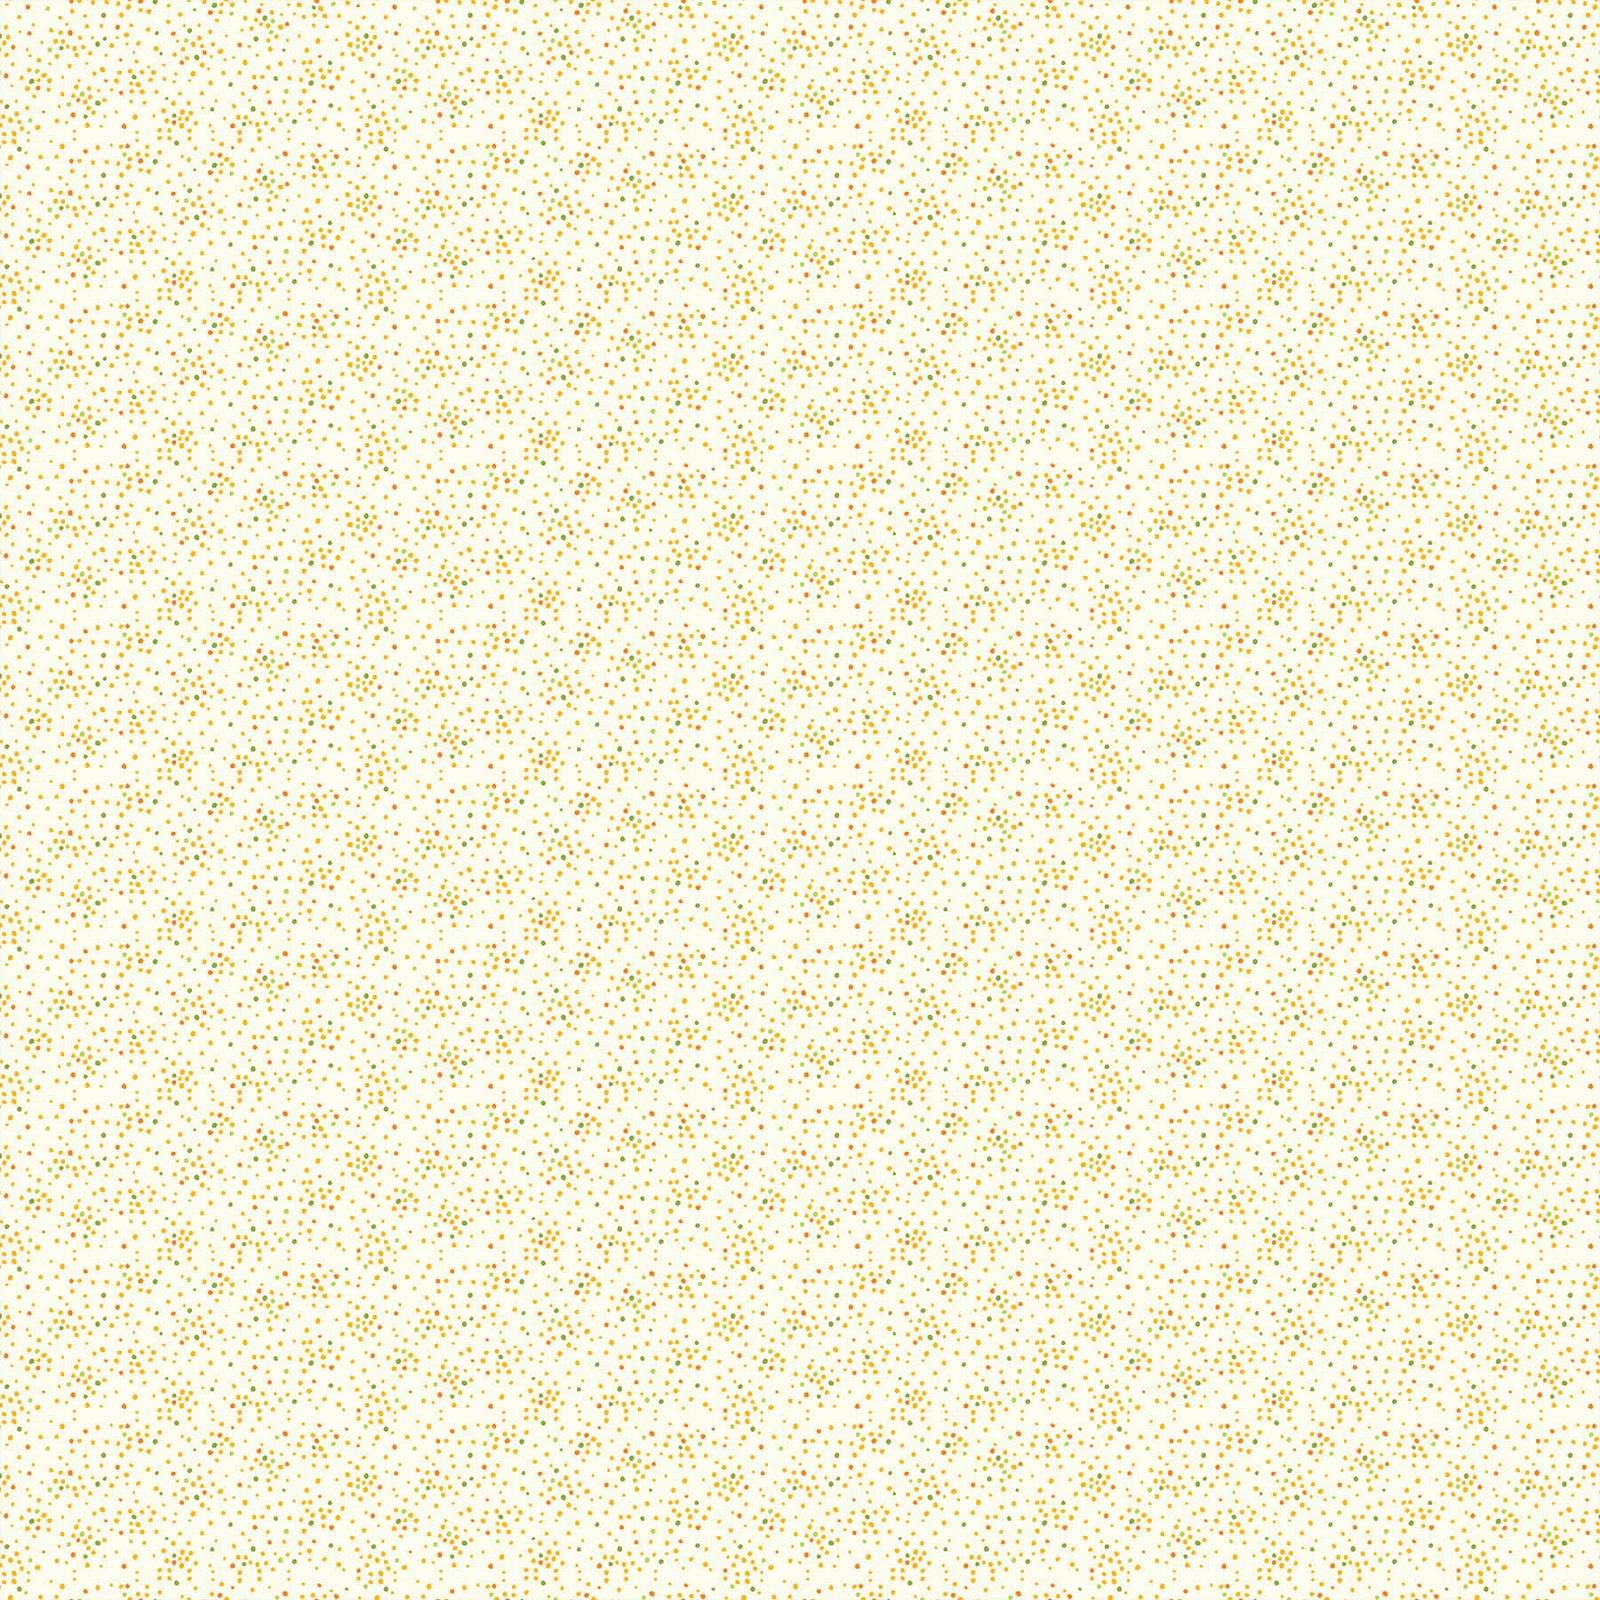 Grow by Pippa Shaw for Figo Fabrics - Seeds - Beige Multi